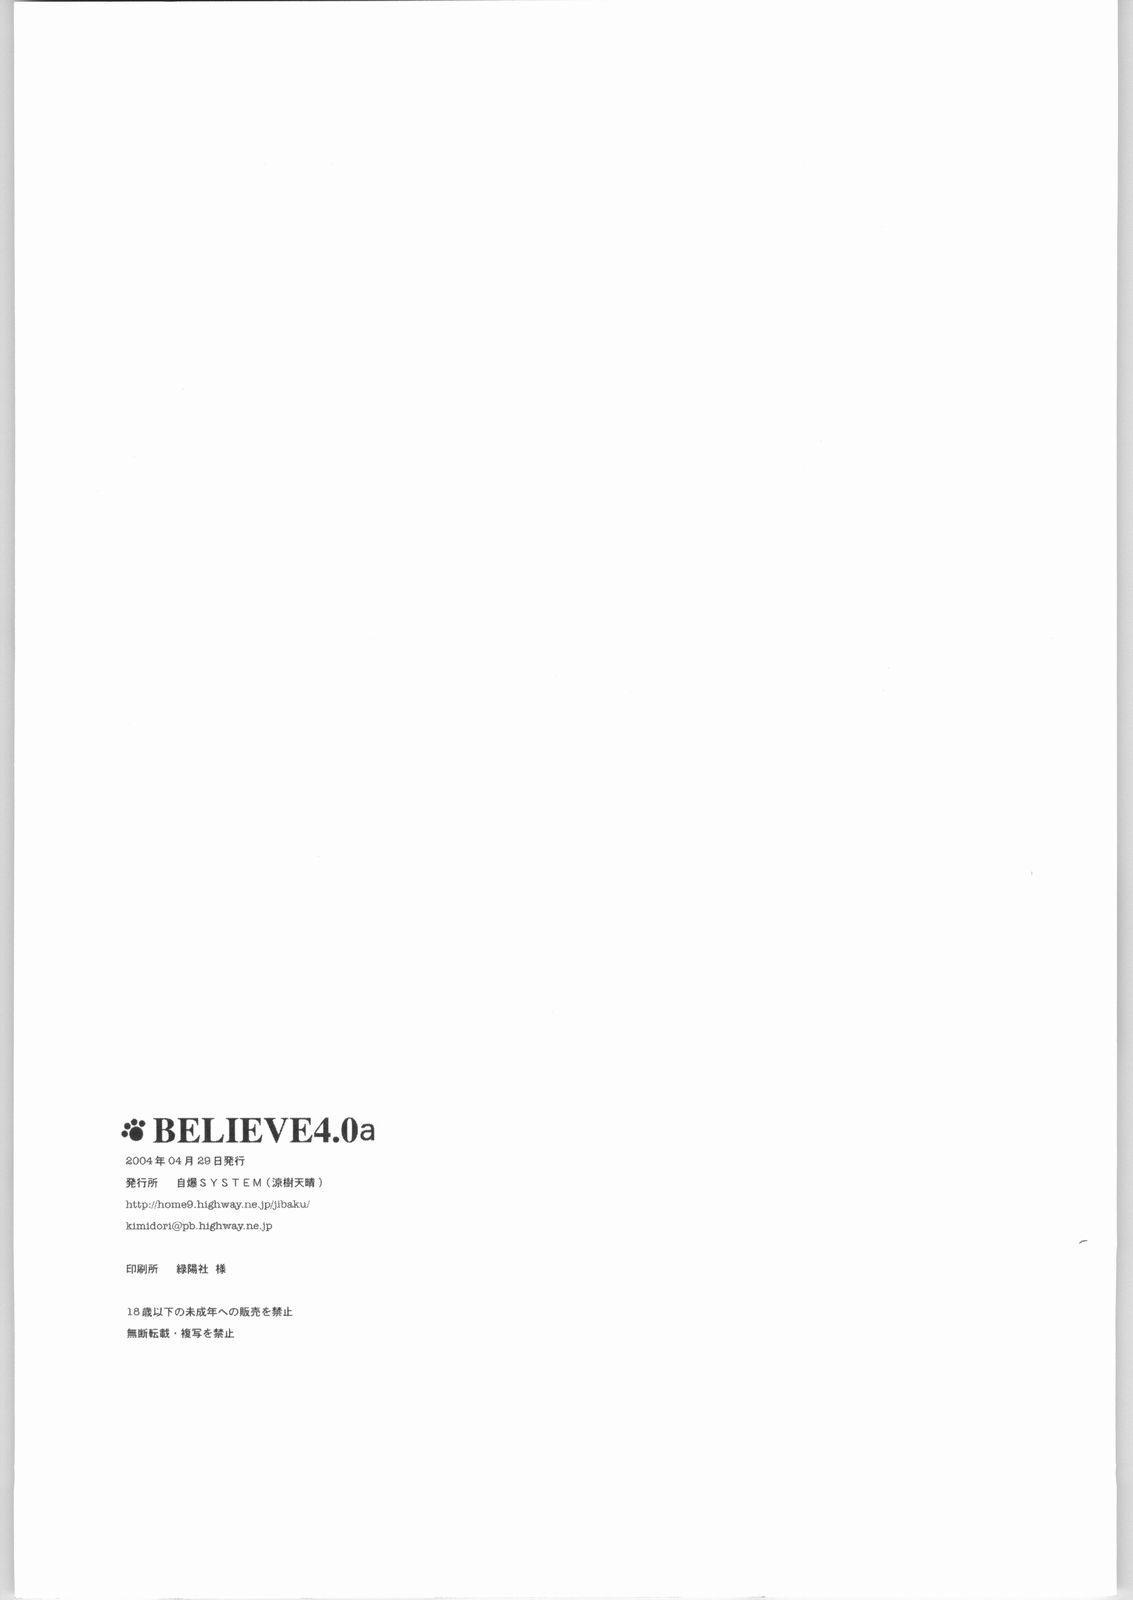 BELIEVE4.0a 14